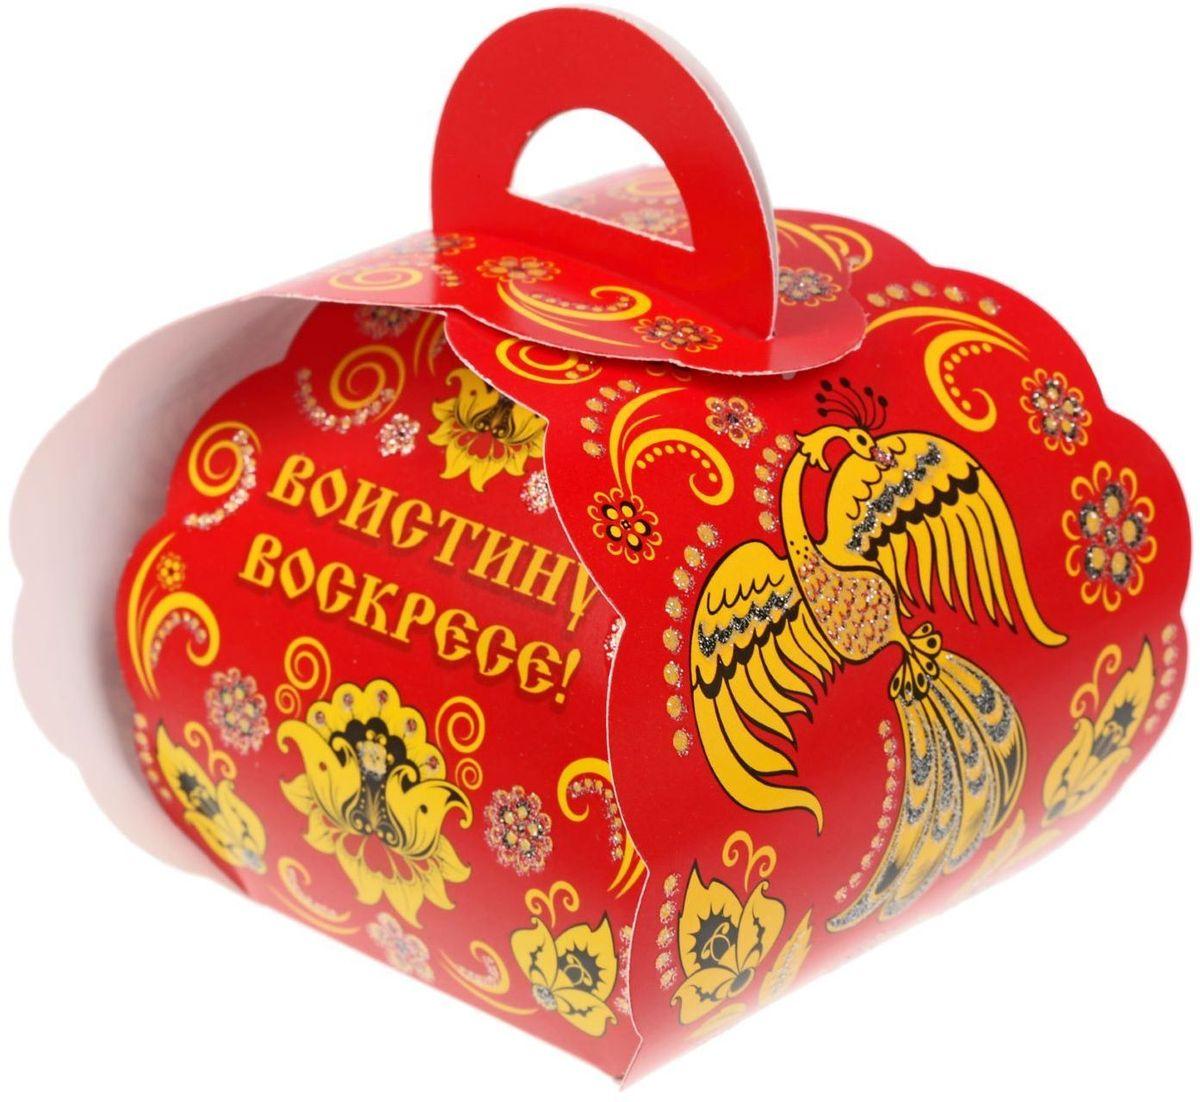 Коробочка подарочная для яйца ХВ под хохлому. 11938381193838Коробочка подарочная для яйца — новое веяние в мире подарочной упаковки. Представьте, как здорово будет преподнести родным и близким подарки в таком оформлении. Душевный дизайн в народном стиле и пасхальные символы никого не оставят равнодушным. Коробочка надёжна и легка в использовании. Согните её по линиям и положите внутрь заготовленный презент. Благодаря удобной ручке изделие удобно переносить. Размер заготовки: 13,4 х 26,2 см.